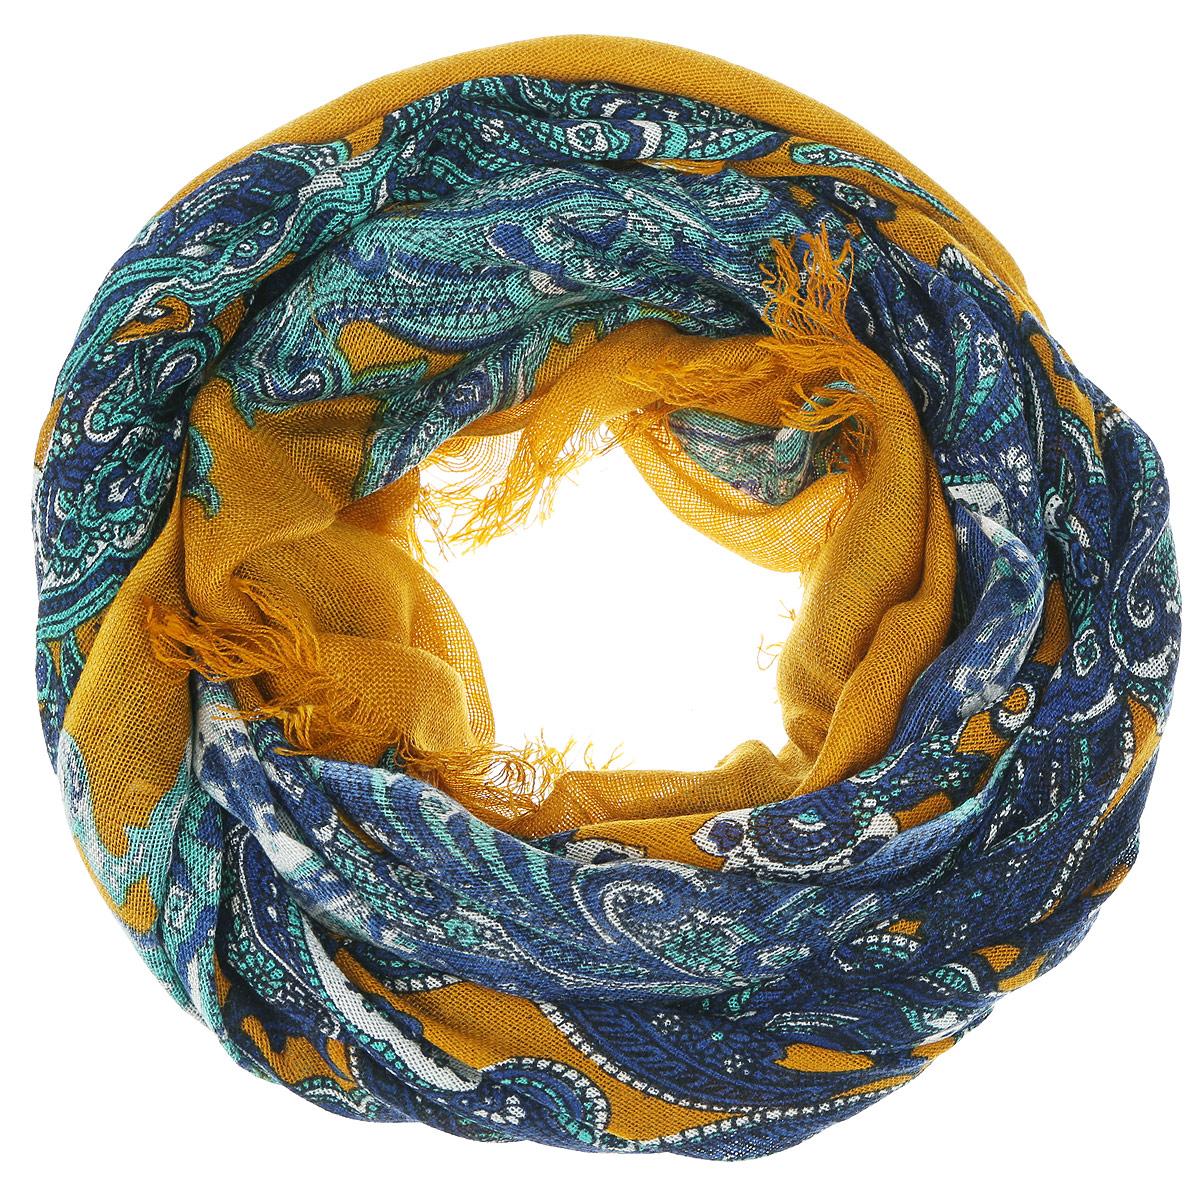 Шарф женский. SCw-142/453-6302SCw-142/453-6302Женский шарф Sela, изготовленный из 100% акрила, подчеркнет вашу индивидуальность. Благодаря своему составу, он легкий, мягкий и приятный на ощупь. Изделие оформлено оригинальным орнаментом. Такой аксессуар станет стильным дополнением к гардеробу современной женщины.